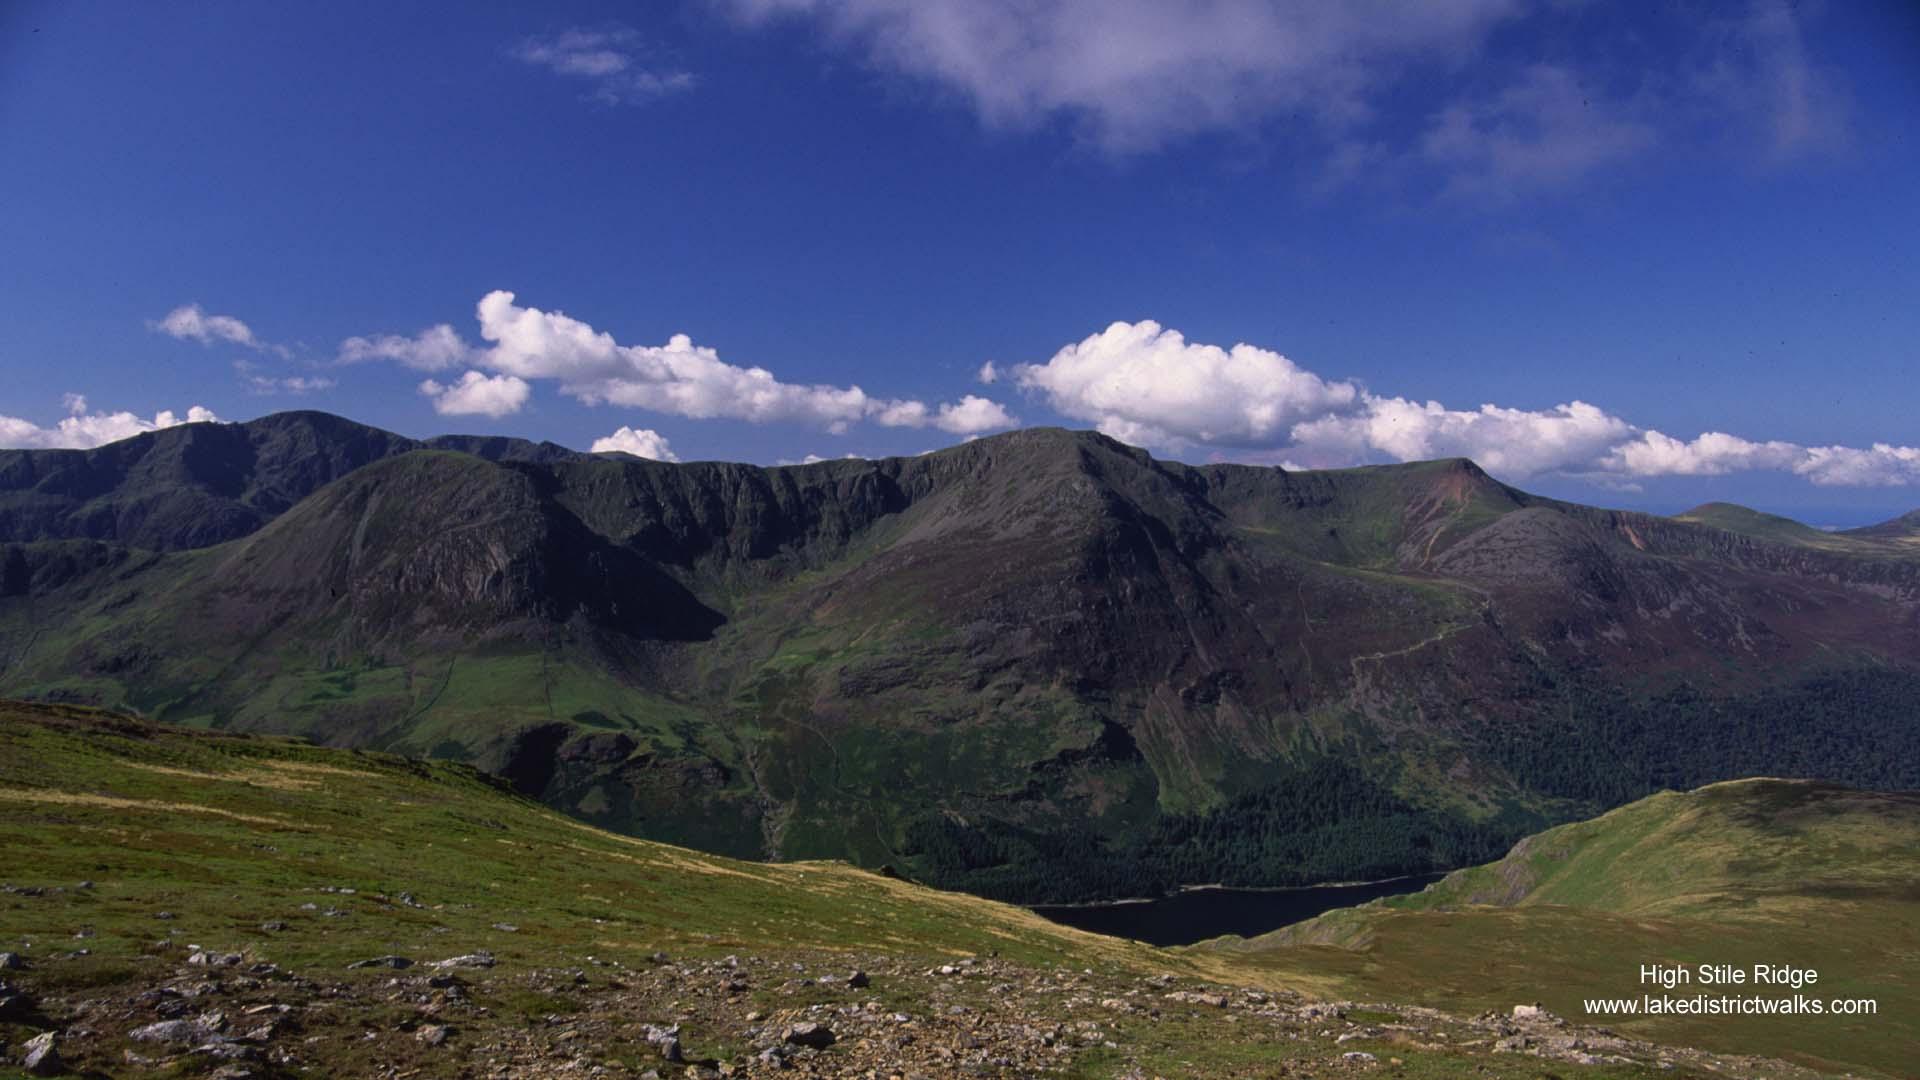 Lake District Walks Wallpaper